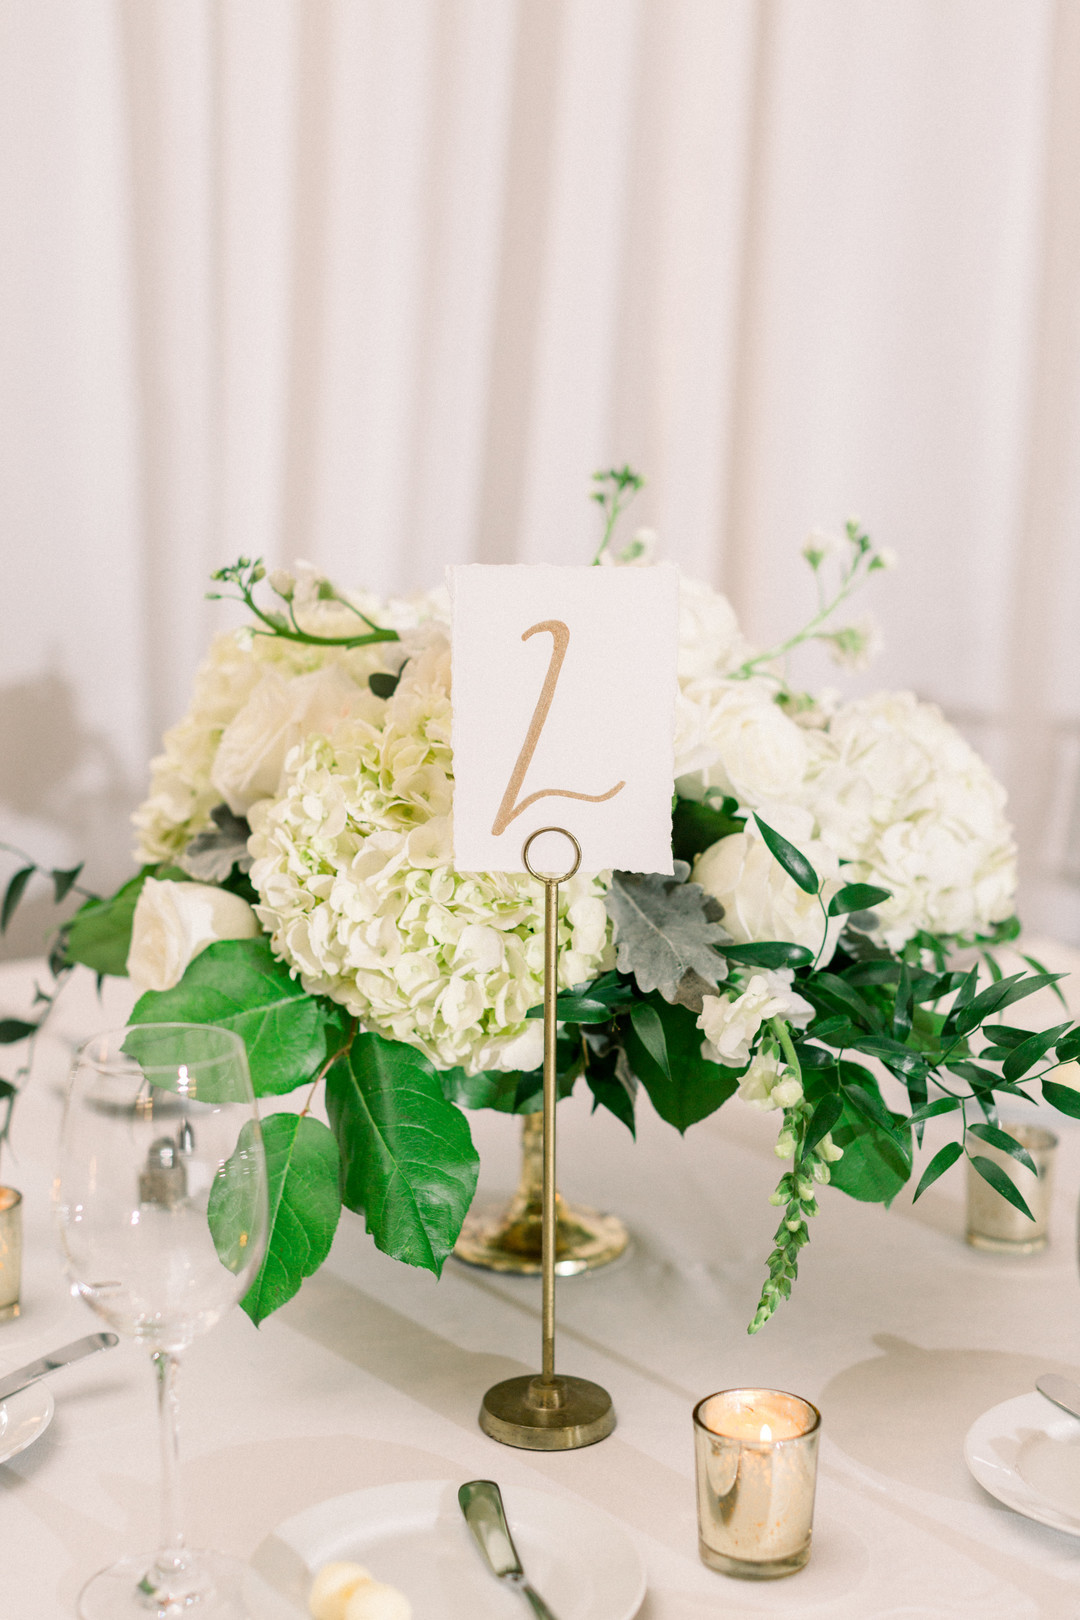 waterfront-wedding-flowers-by-lesfleurs (13).jpg